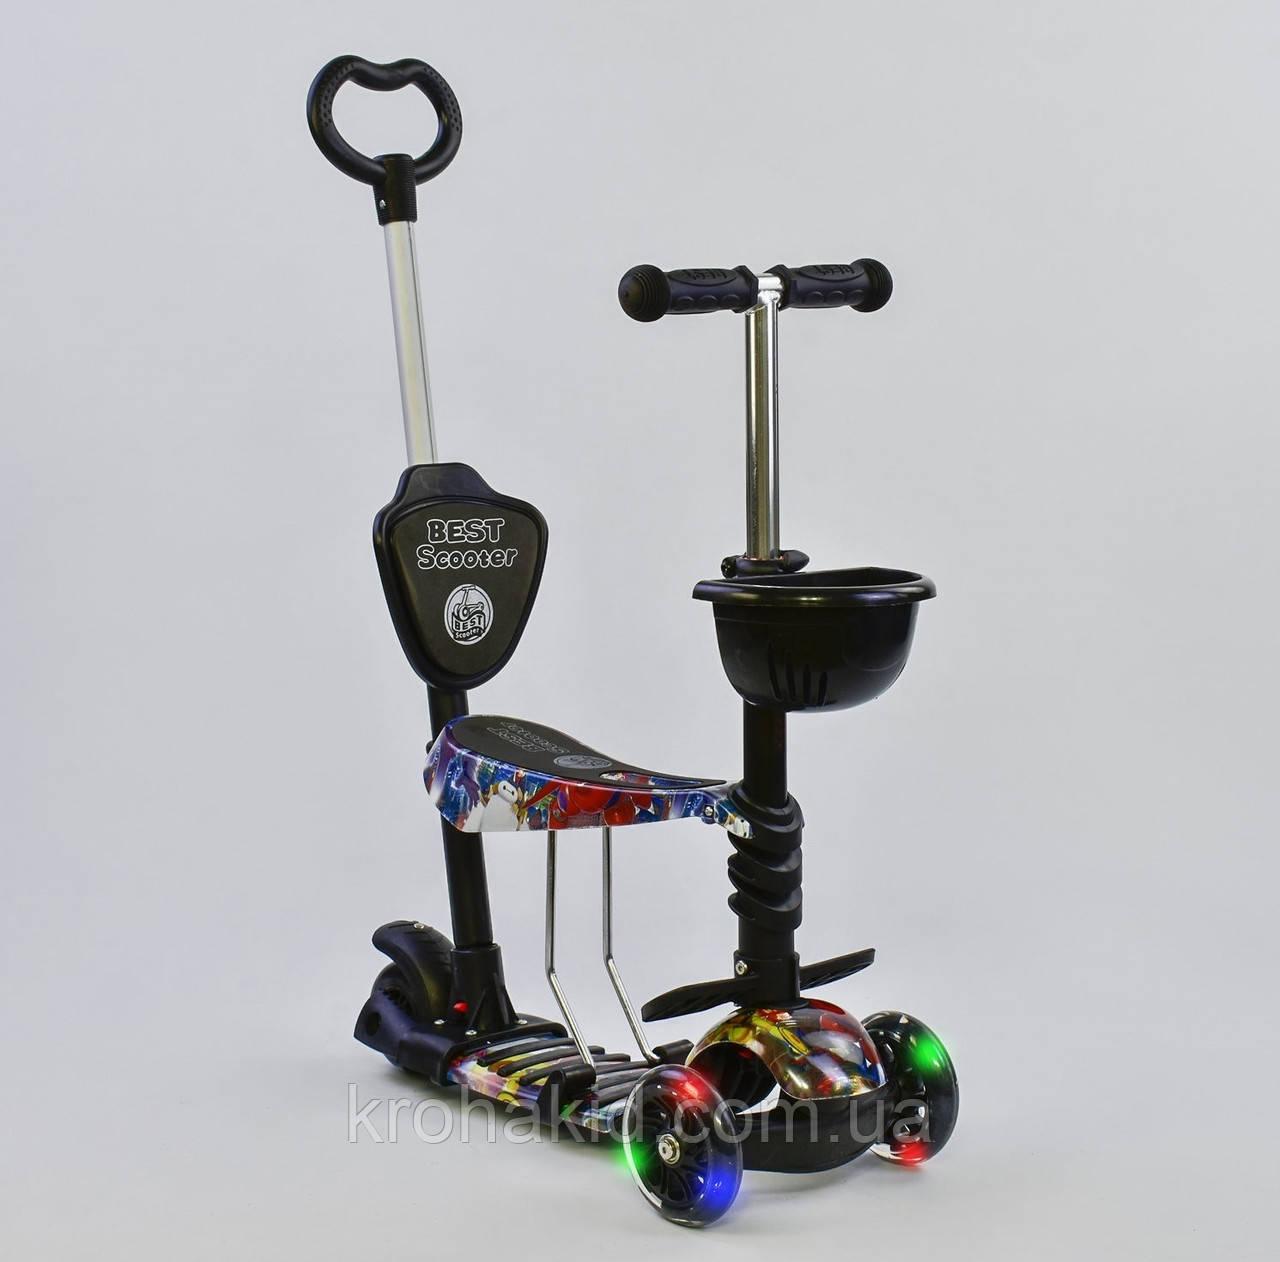 Самокат-беговел 5в1 Best Scooter с родительской ручкой, светящиеся колеса 26900